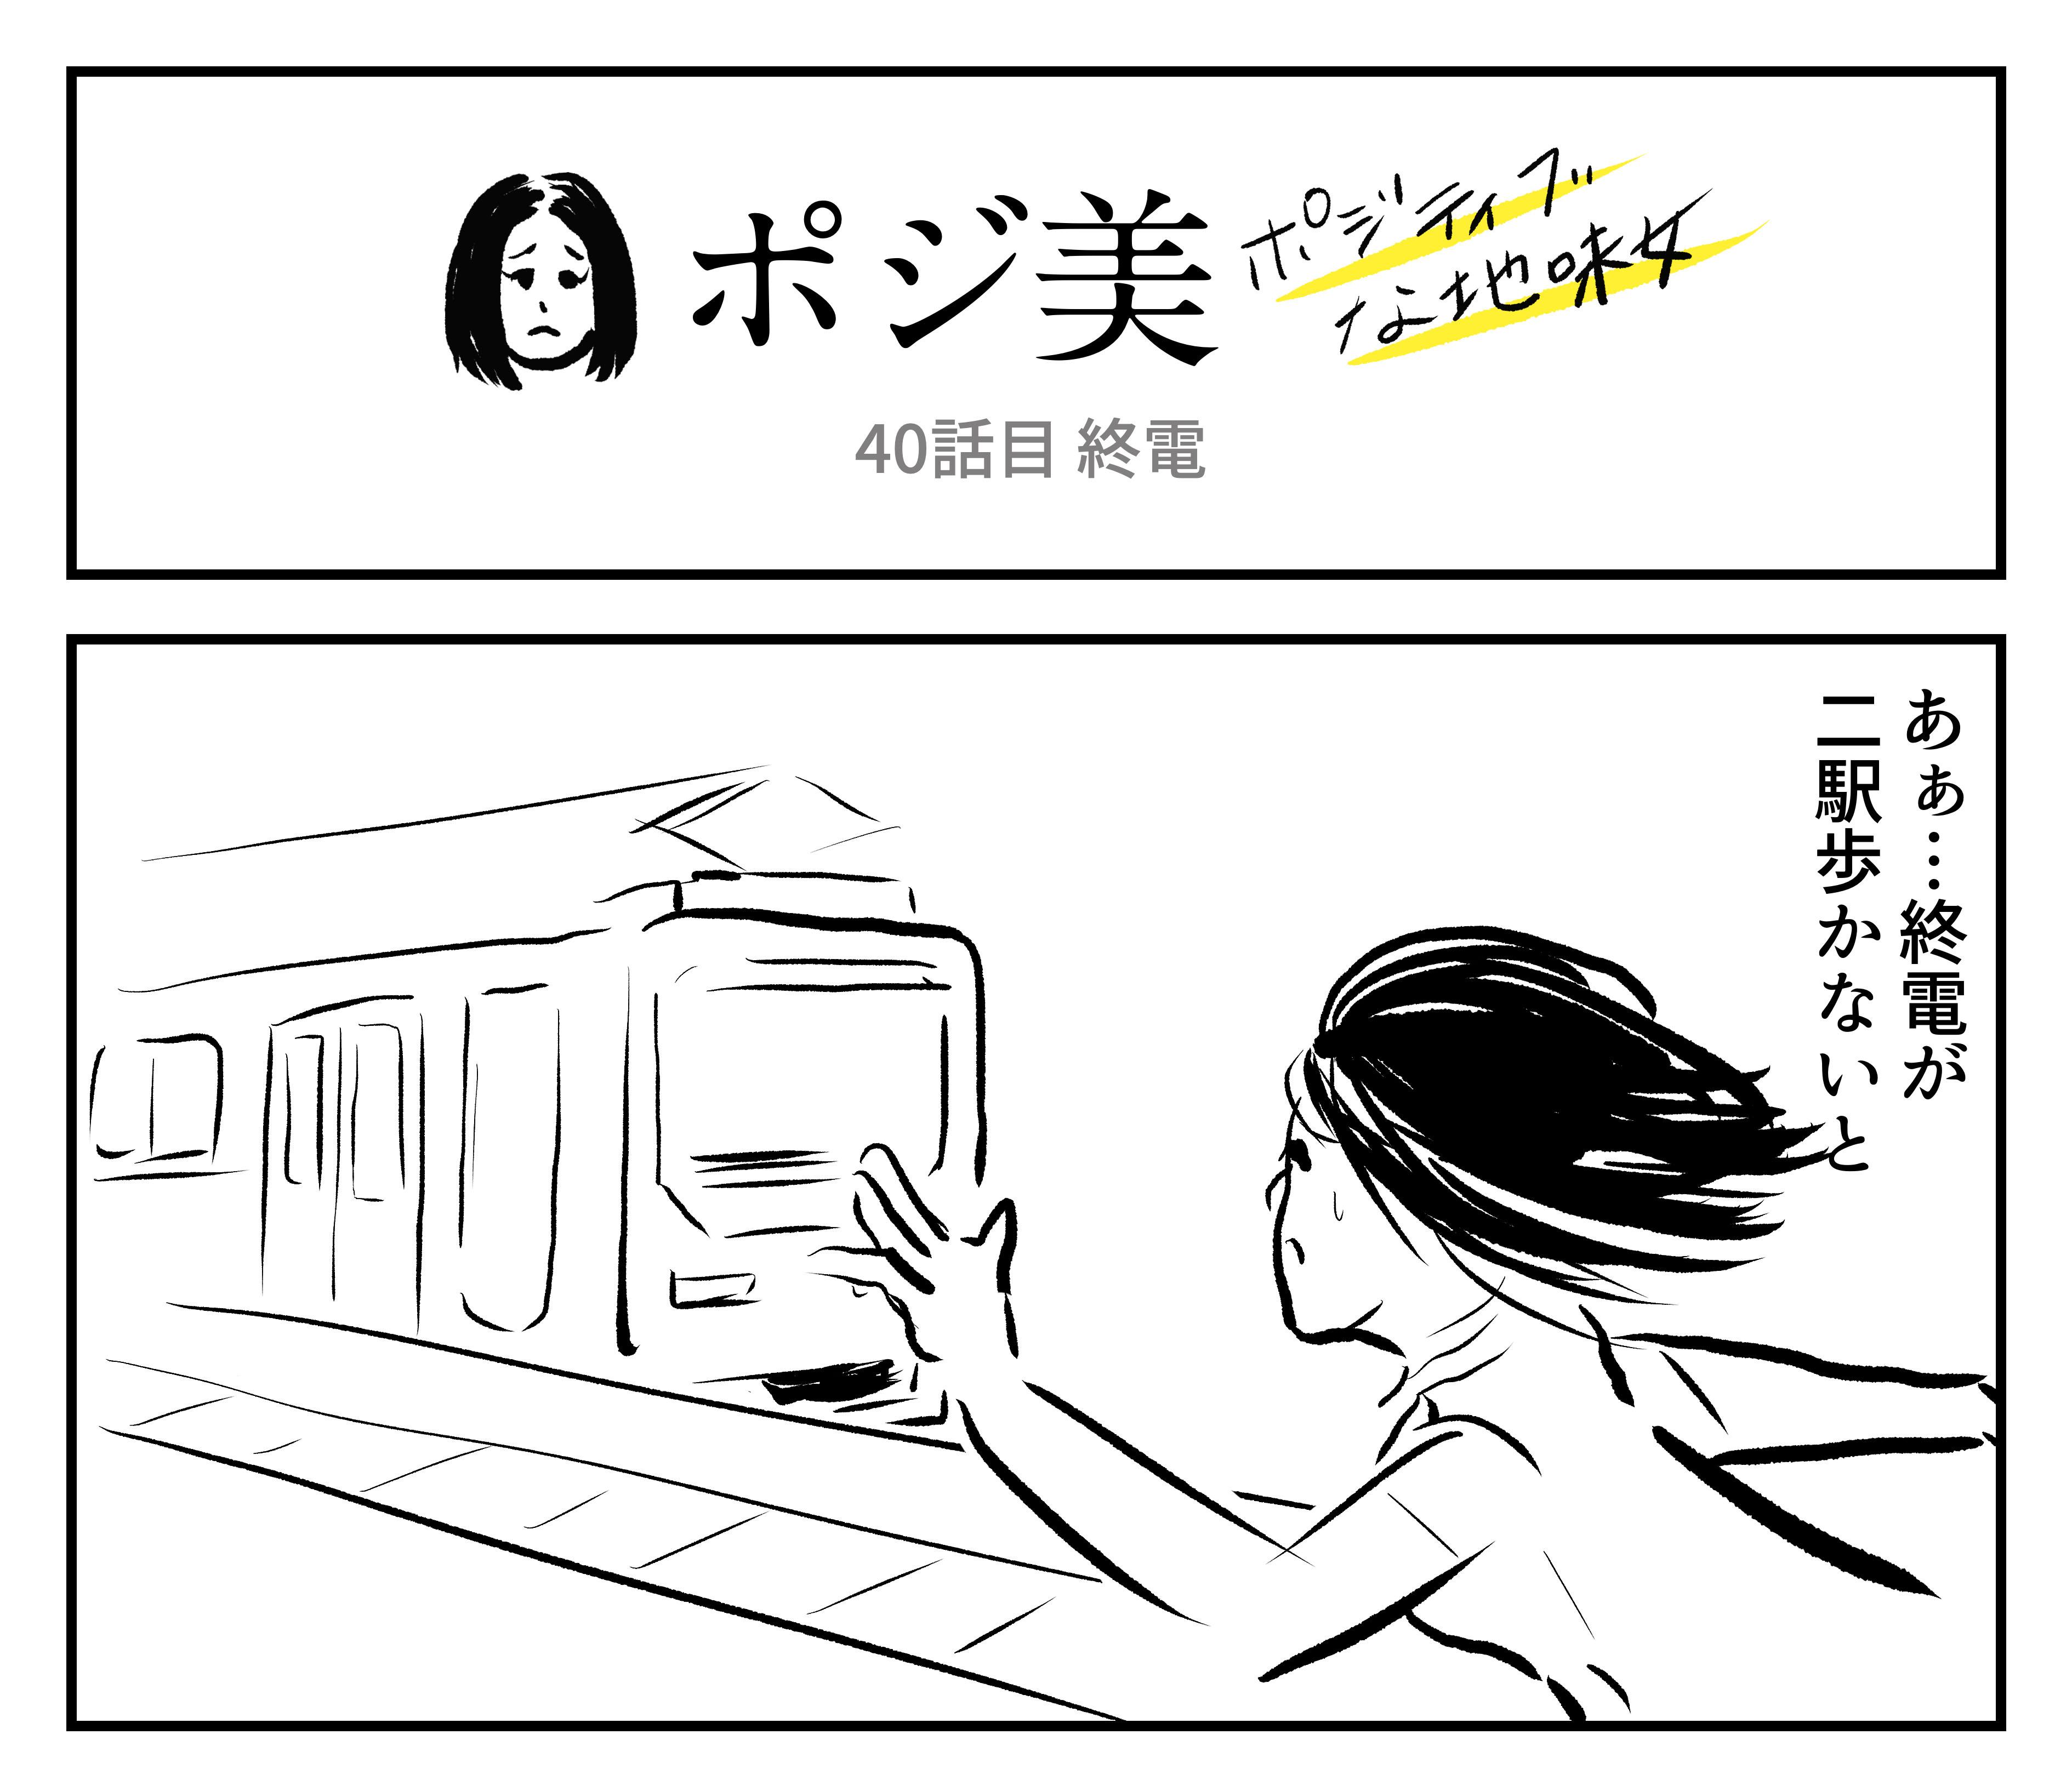 【2コマ】ポジ美 40話目「終電」